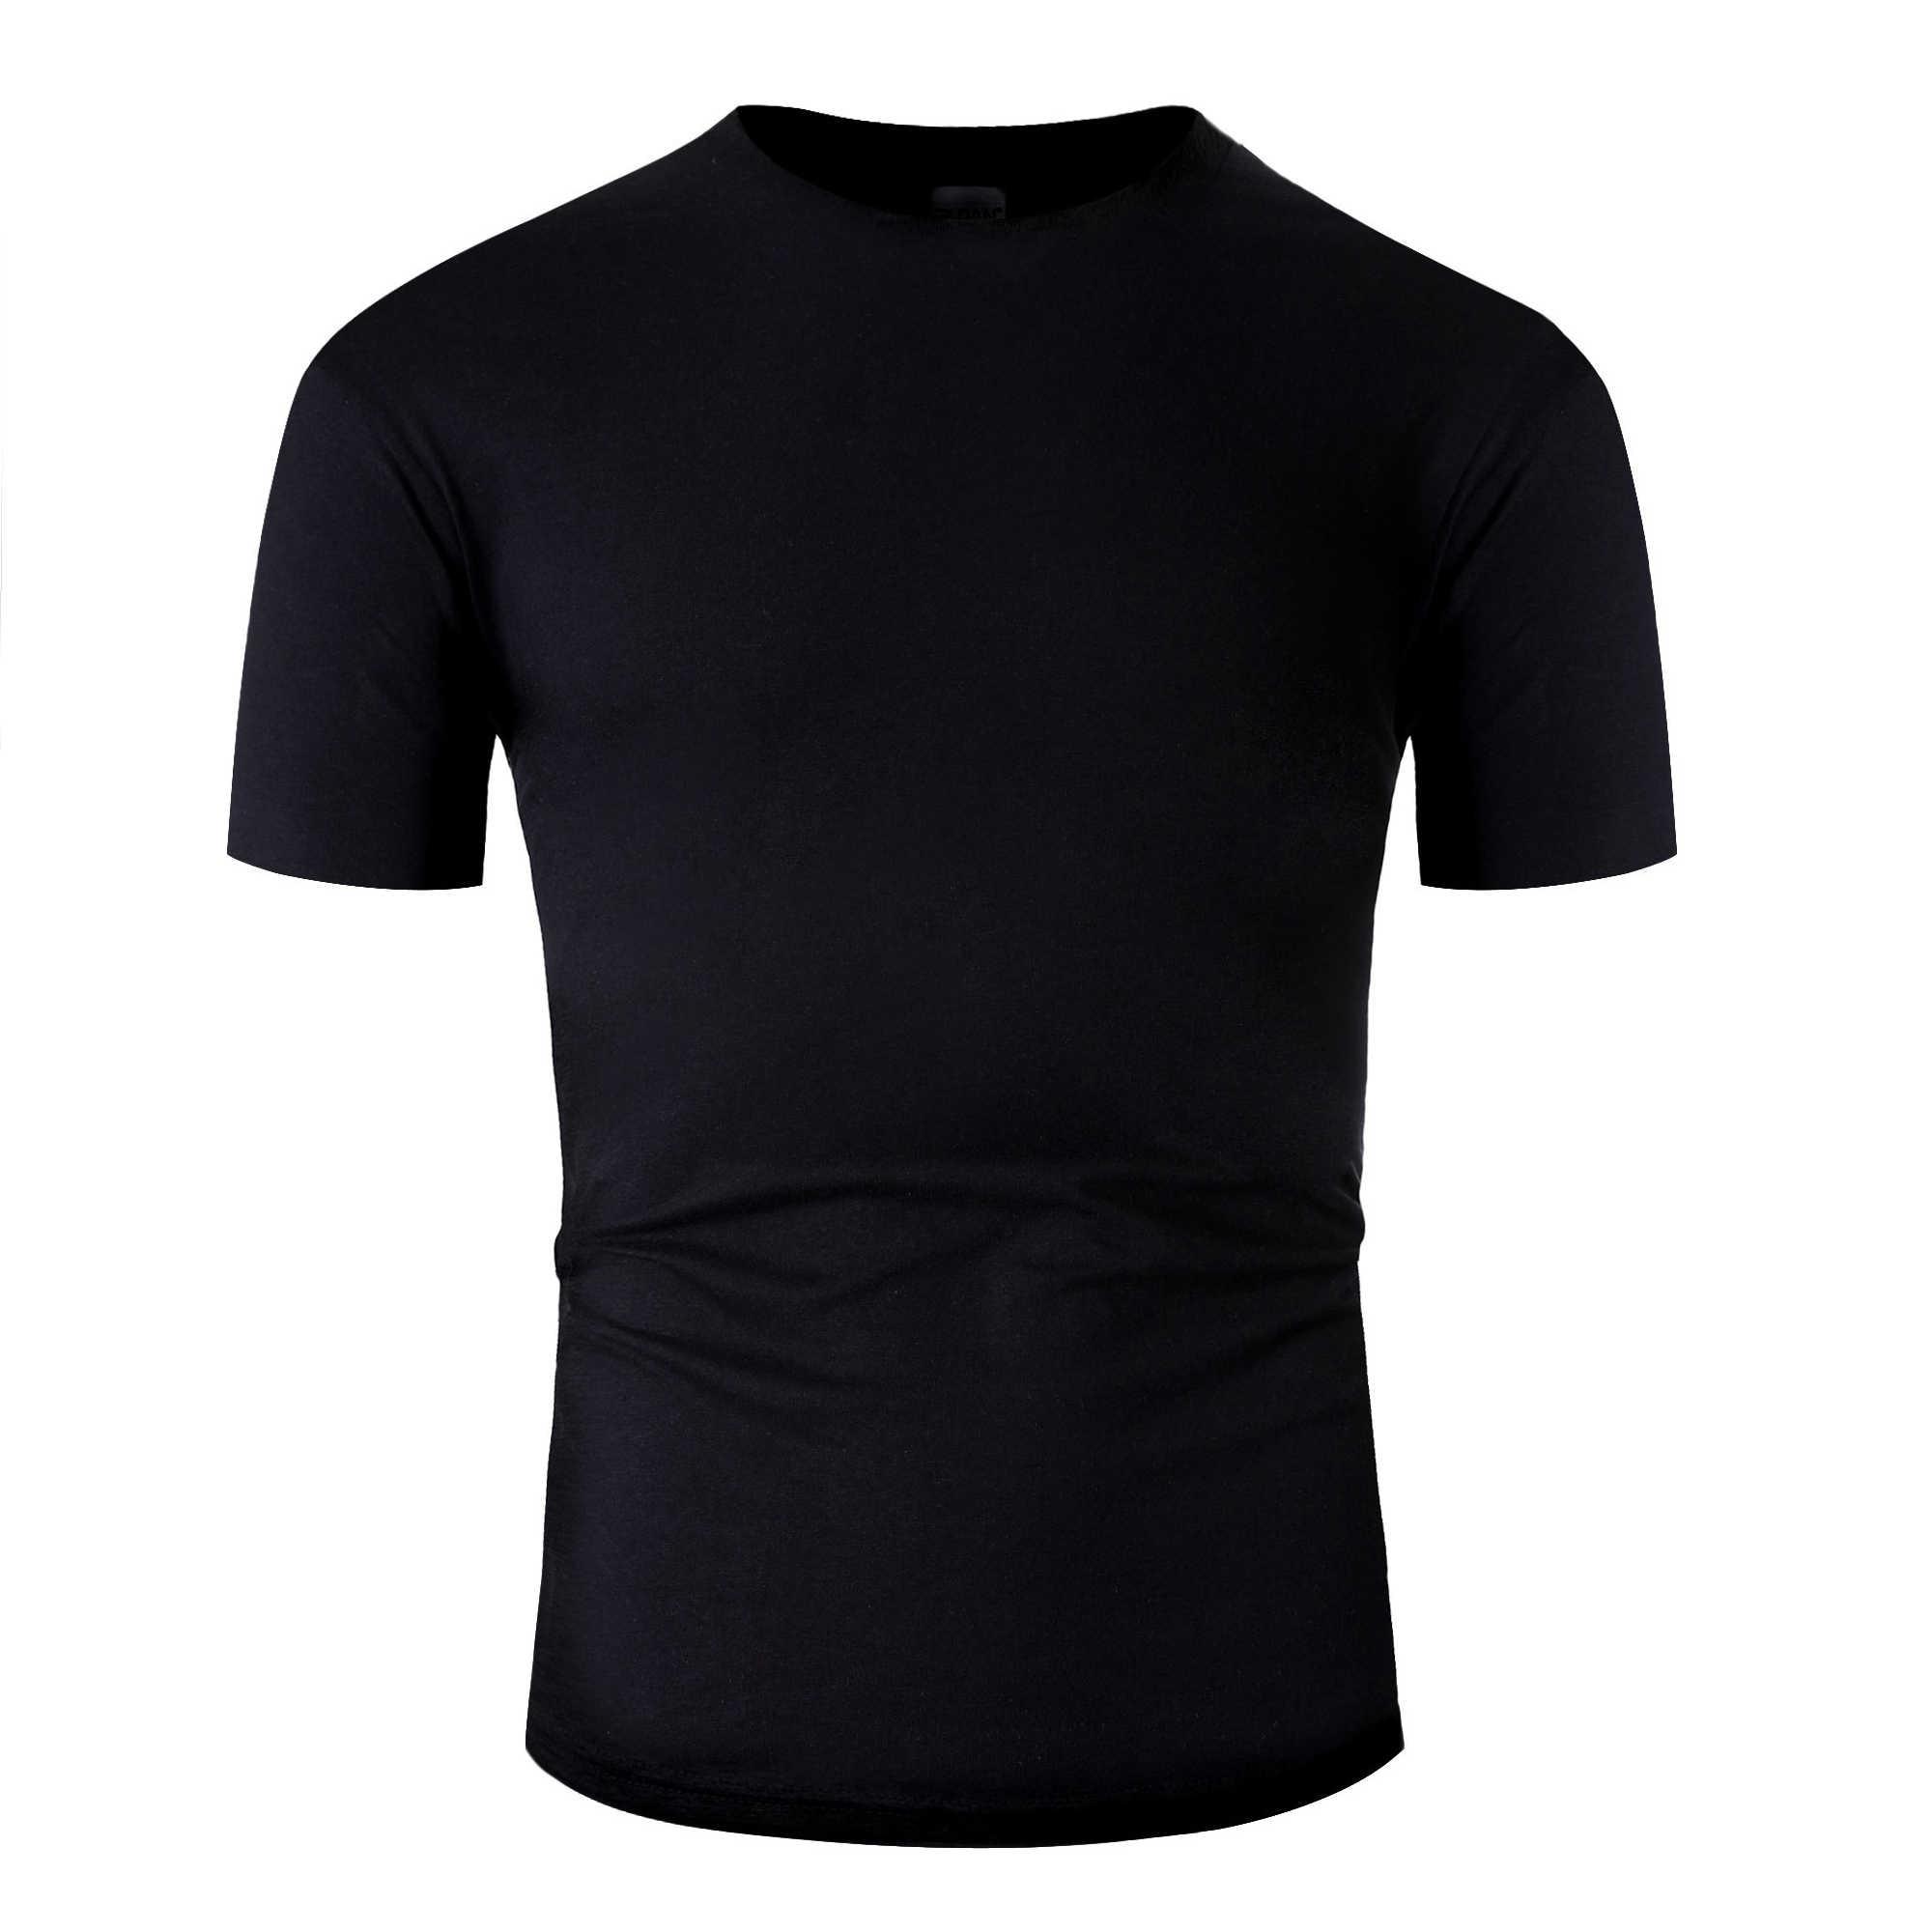 Ricardo Milos O Mais Poderoso Dos Homens Camiseta Anime Character Camiseta T-Shirt Dos Homens de Impressão Engraçado Harajuku Moda Soltos Tees Casual